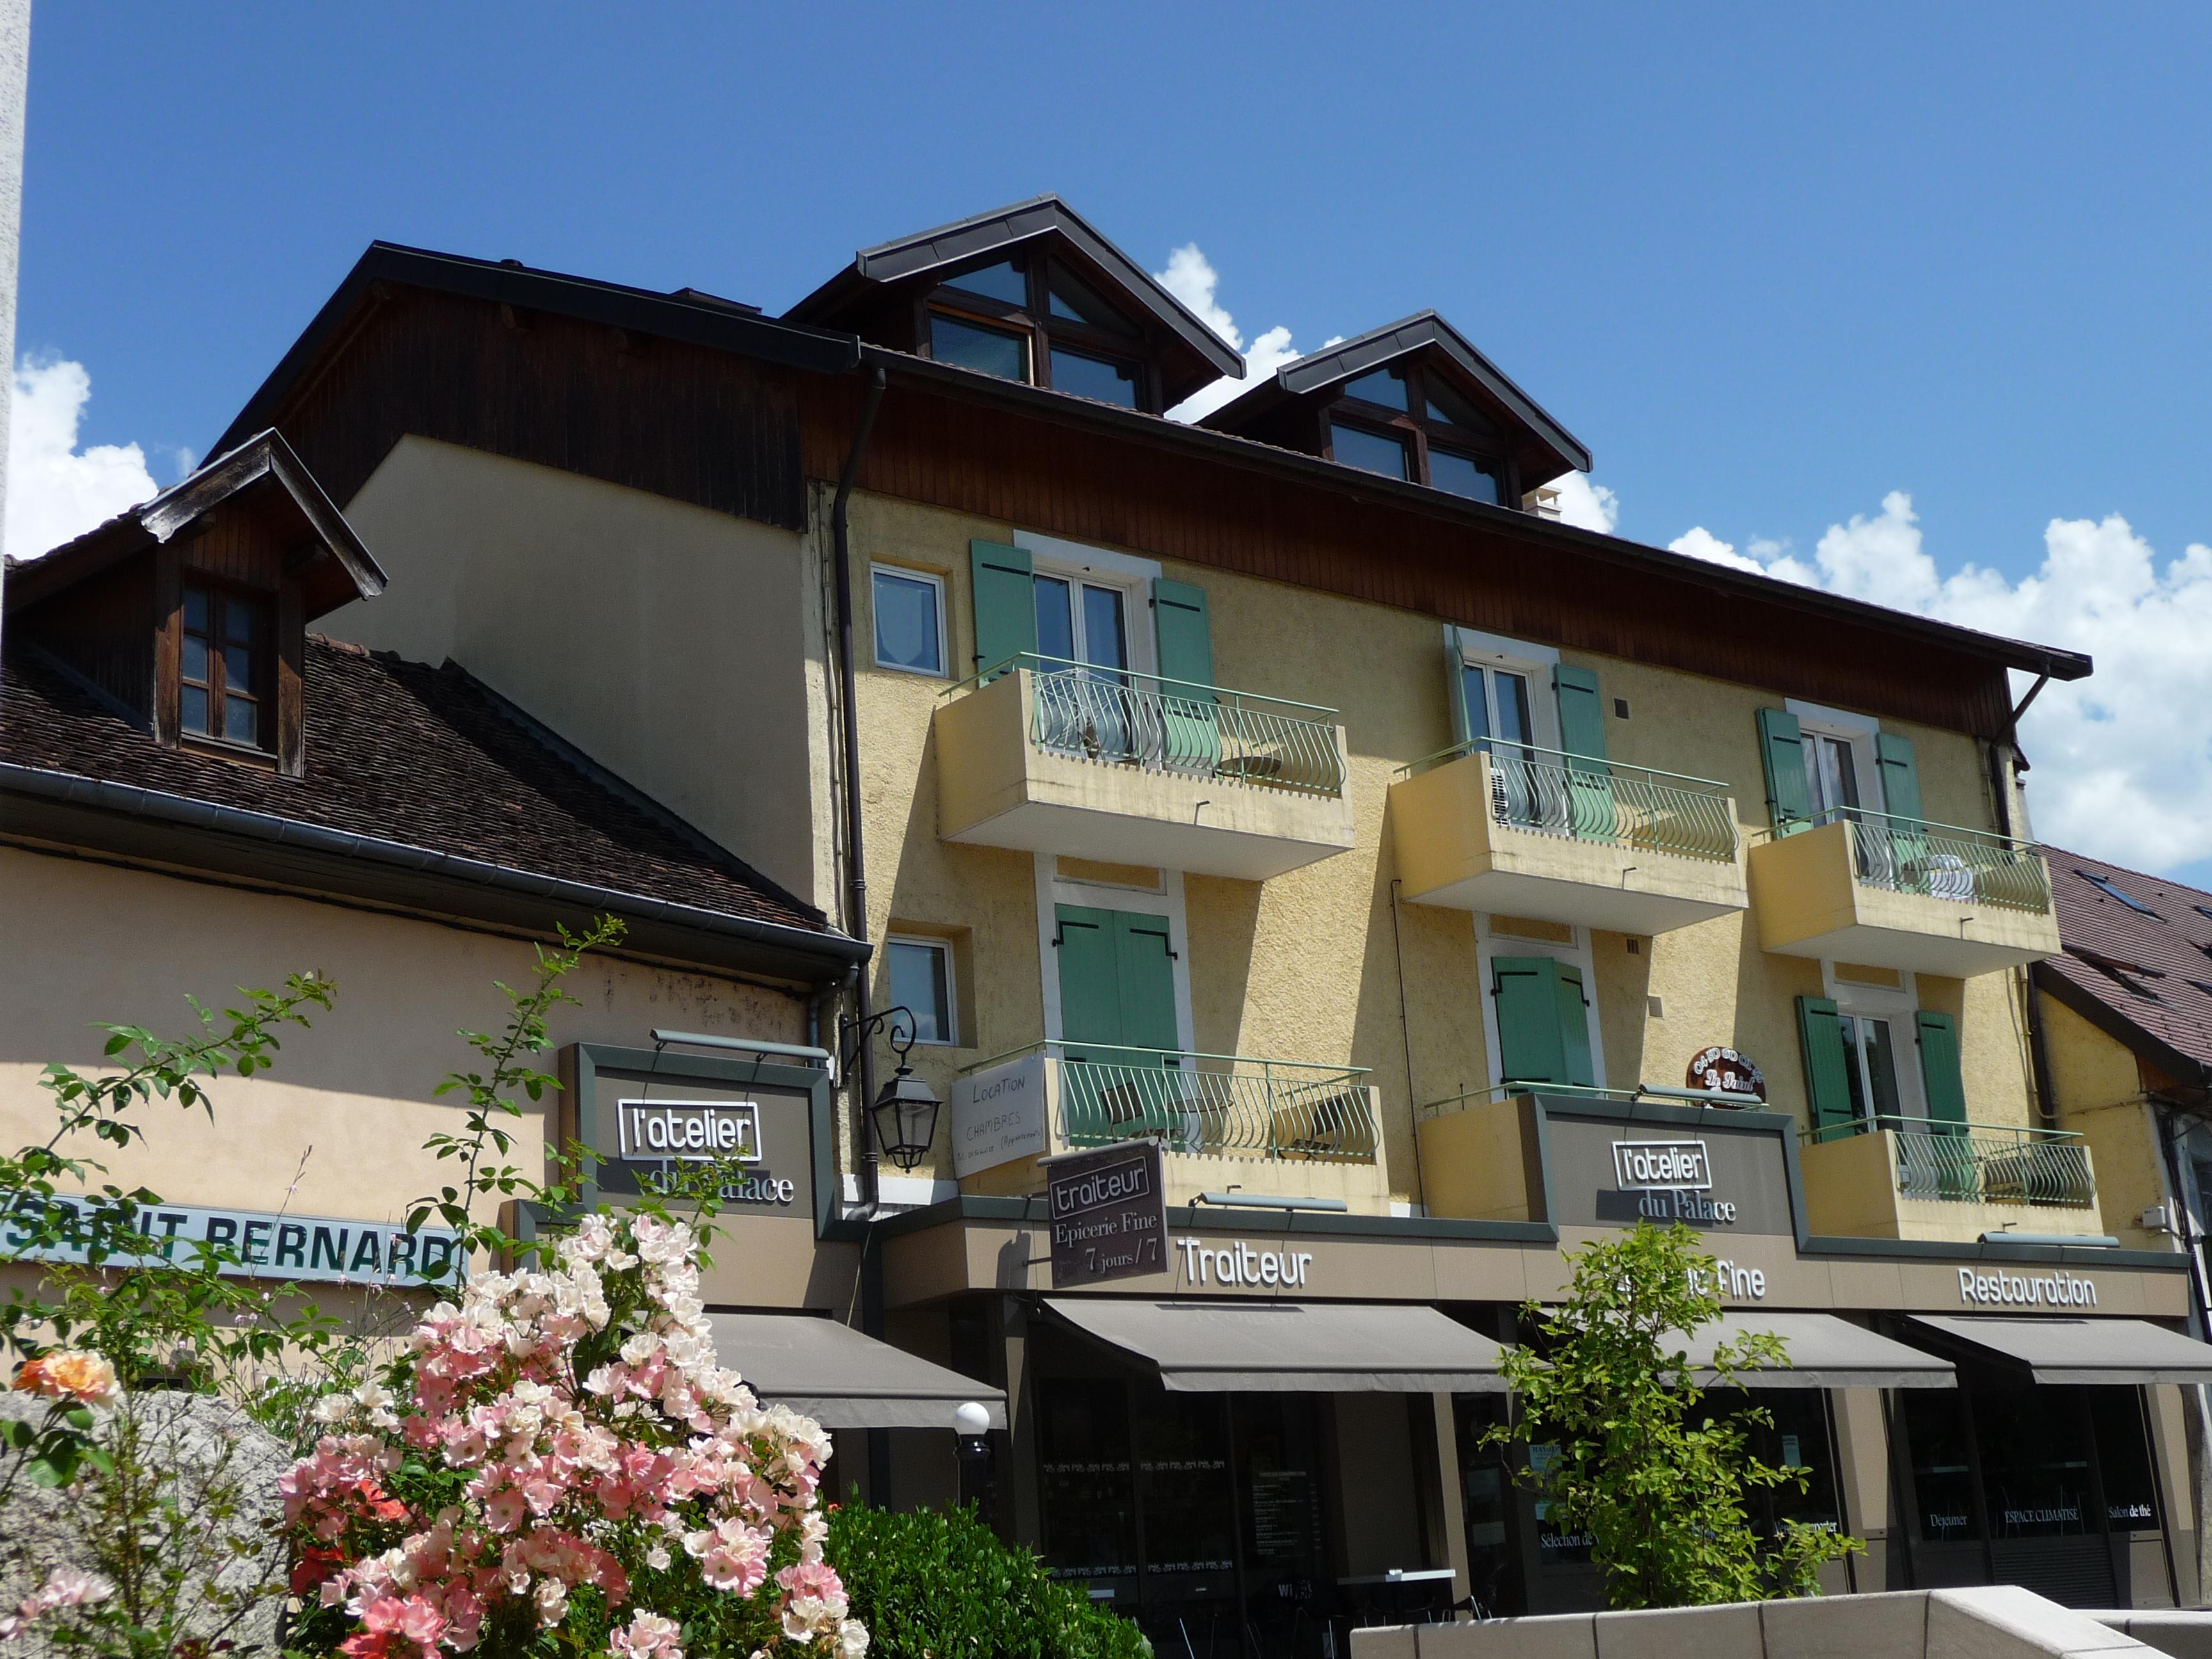 Location vacances Lac d Annecy Savoie Page 1